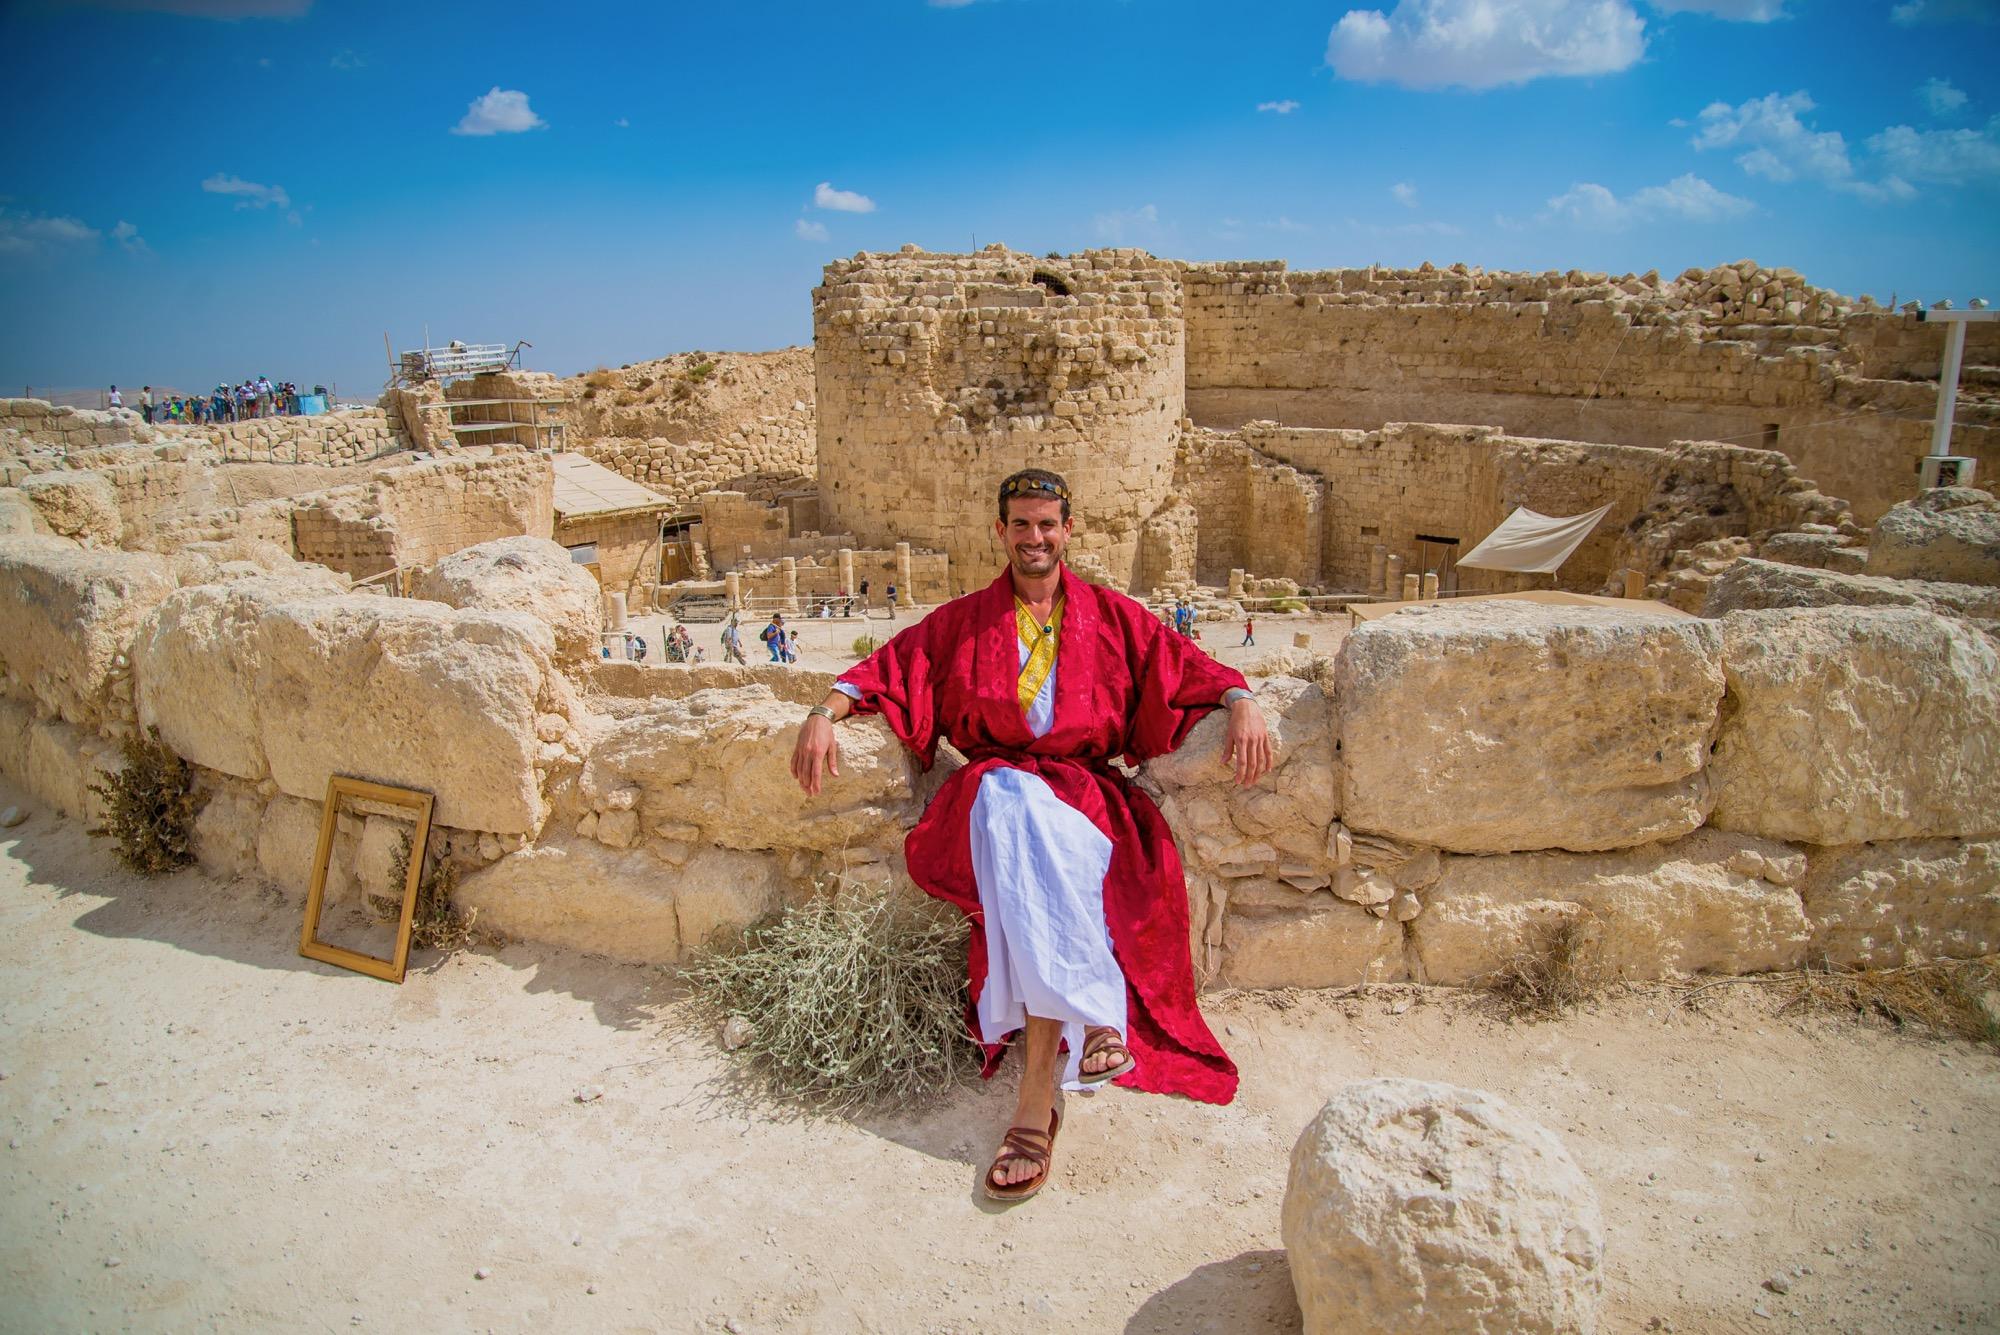 מפגש עם המלך הורדוס בהרודיון (מנו גרישפן)